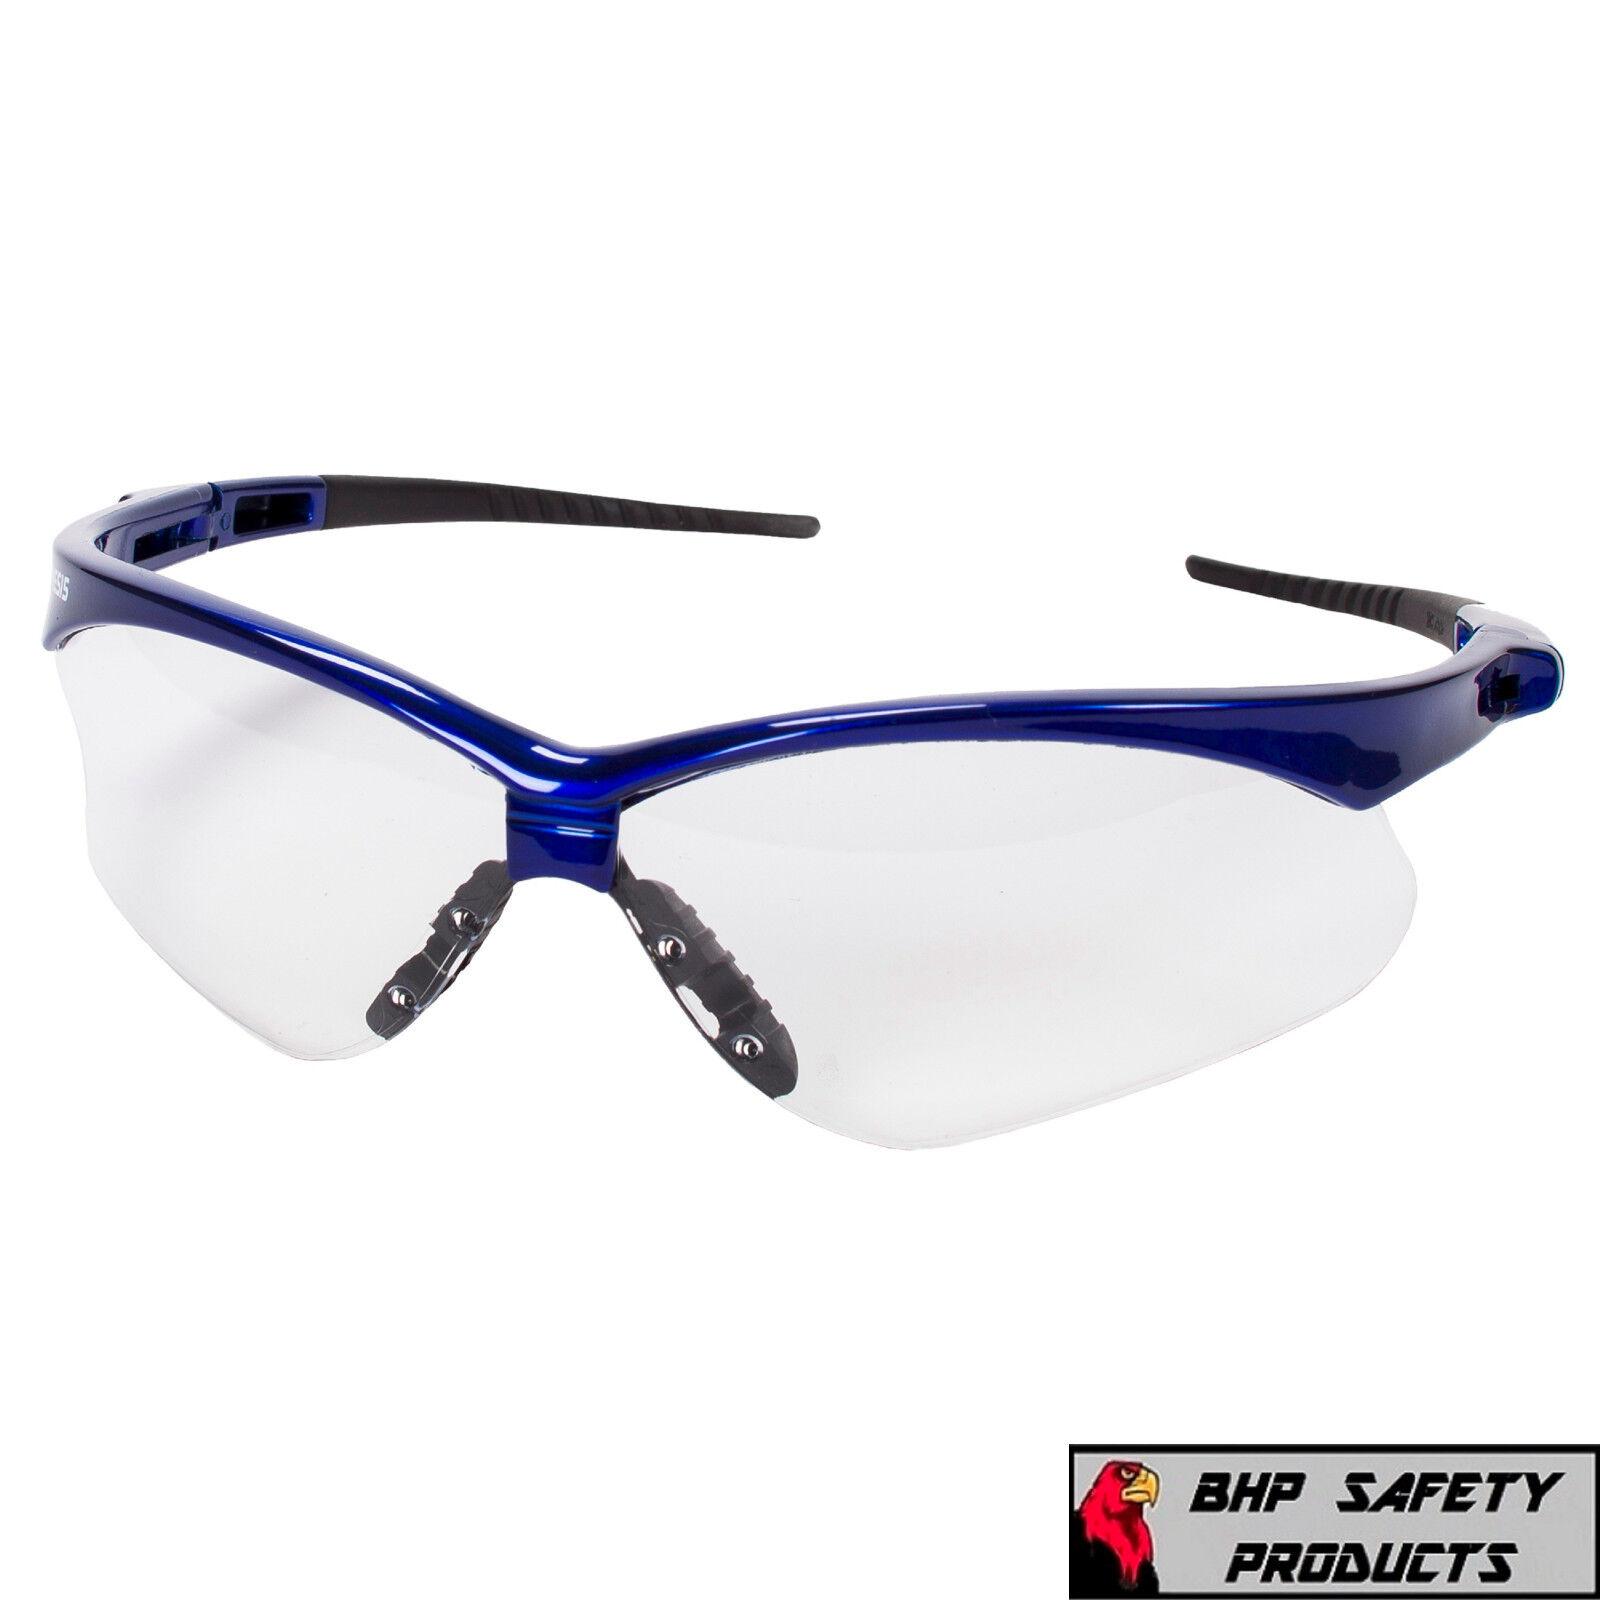 JACKSON NEMESIS SAFETY GLASSES SUNGLASSES SPORT WORK EYEWEAR ANSI Z87 COMPLIANT 47384- Blue Frame/Clear AF Lens